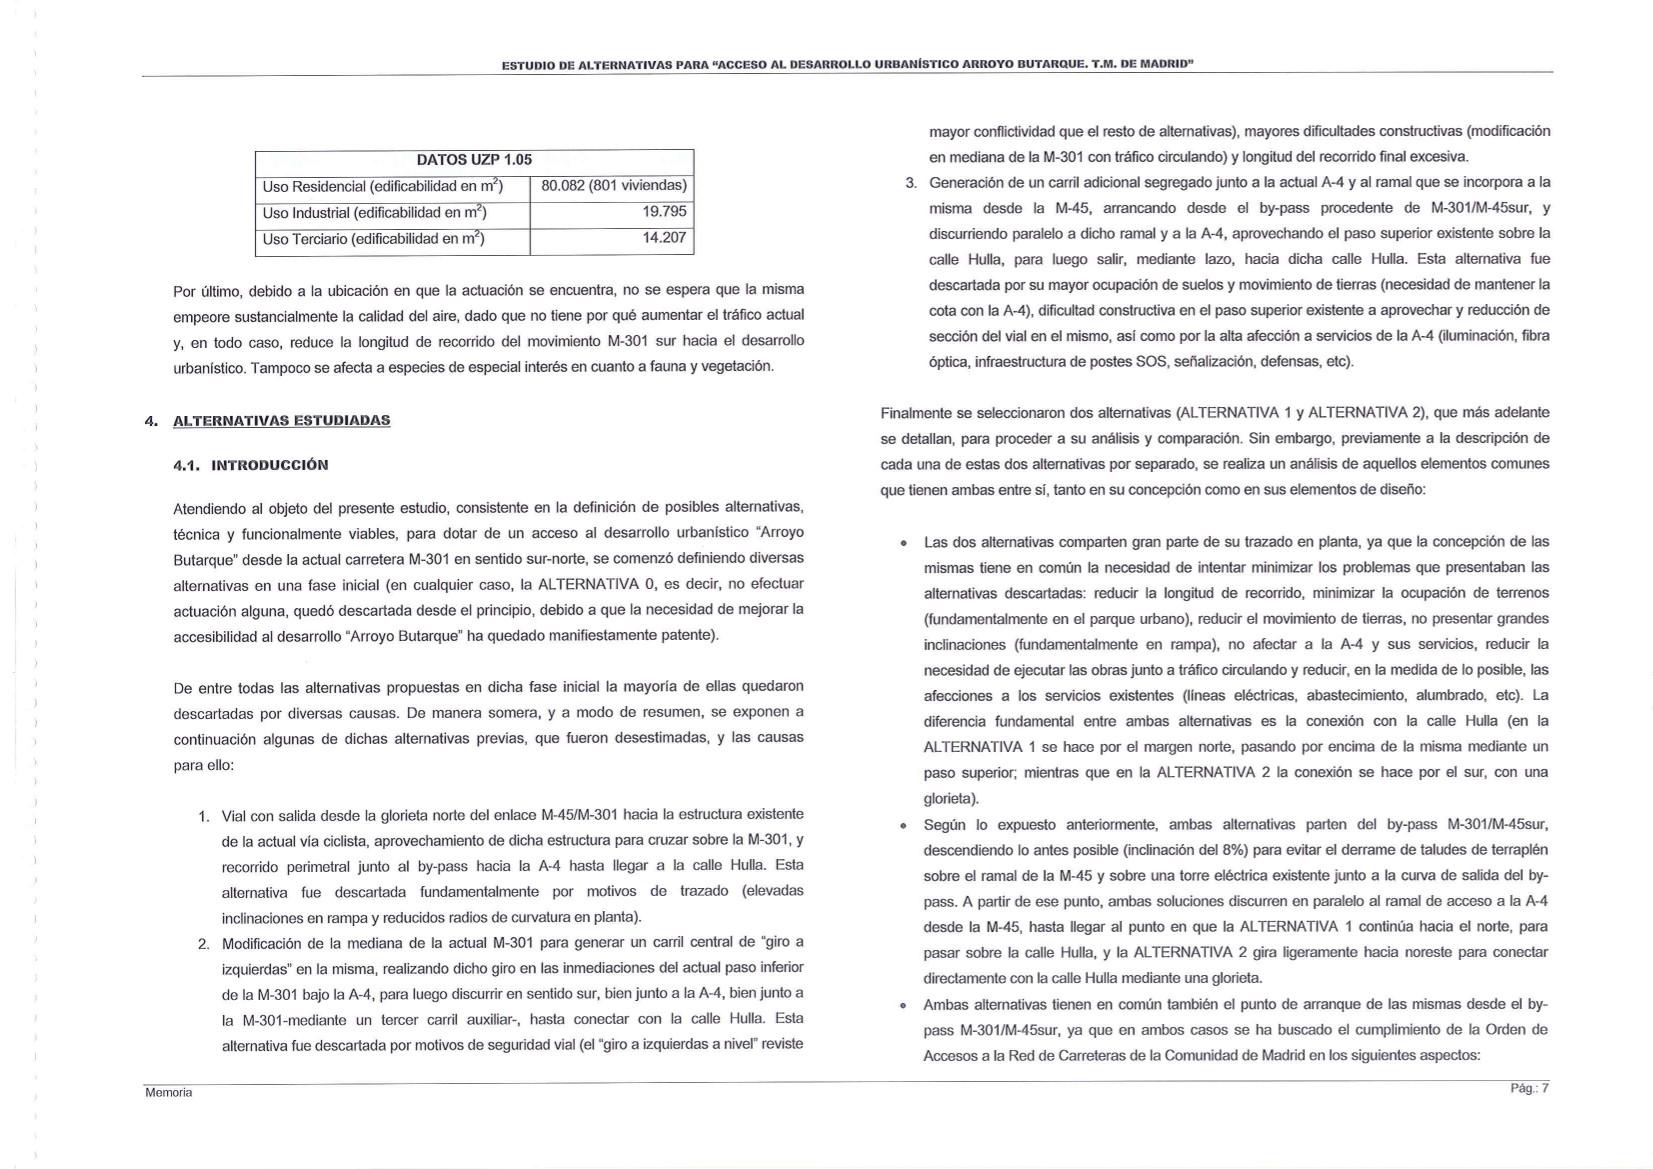 20140200_Estudio_alternativas_accesos_carretera_Butarque_CM_08.jpg